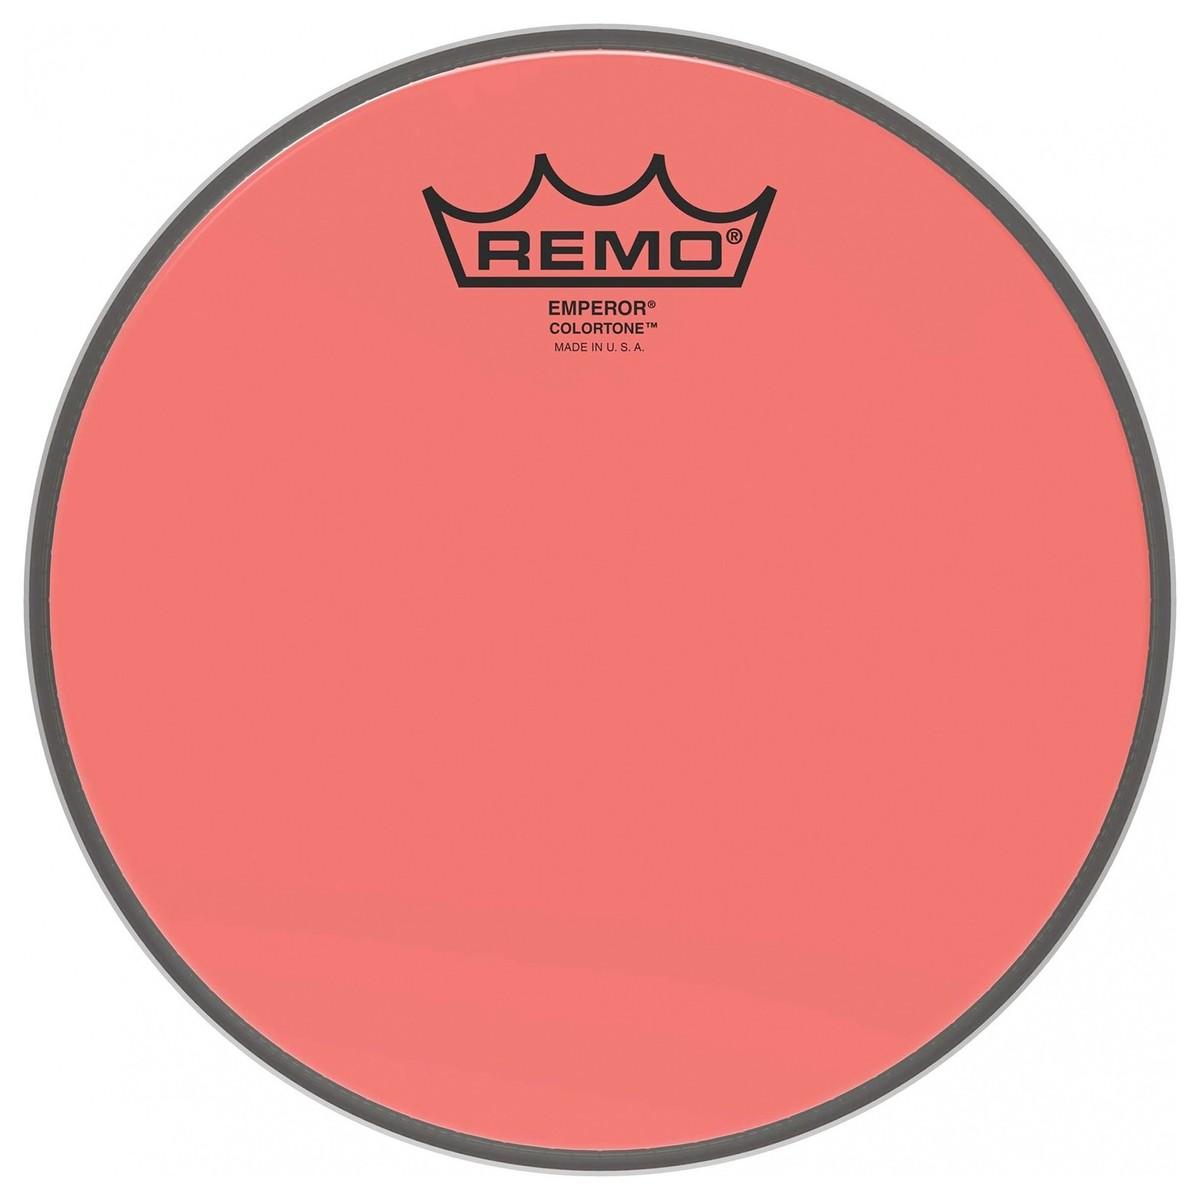 Remo Emperor Colortone 18 Red Drum Head